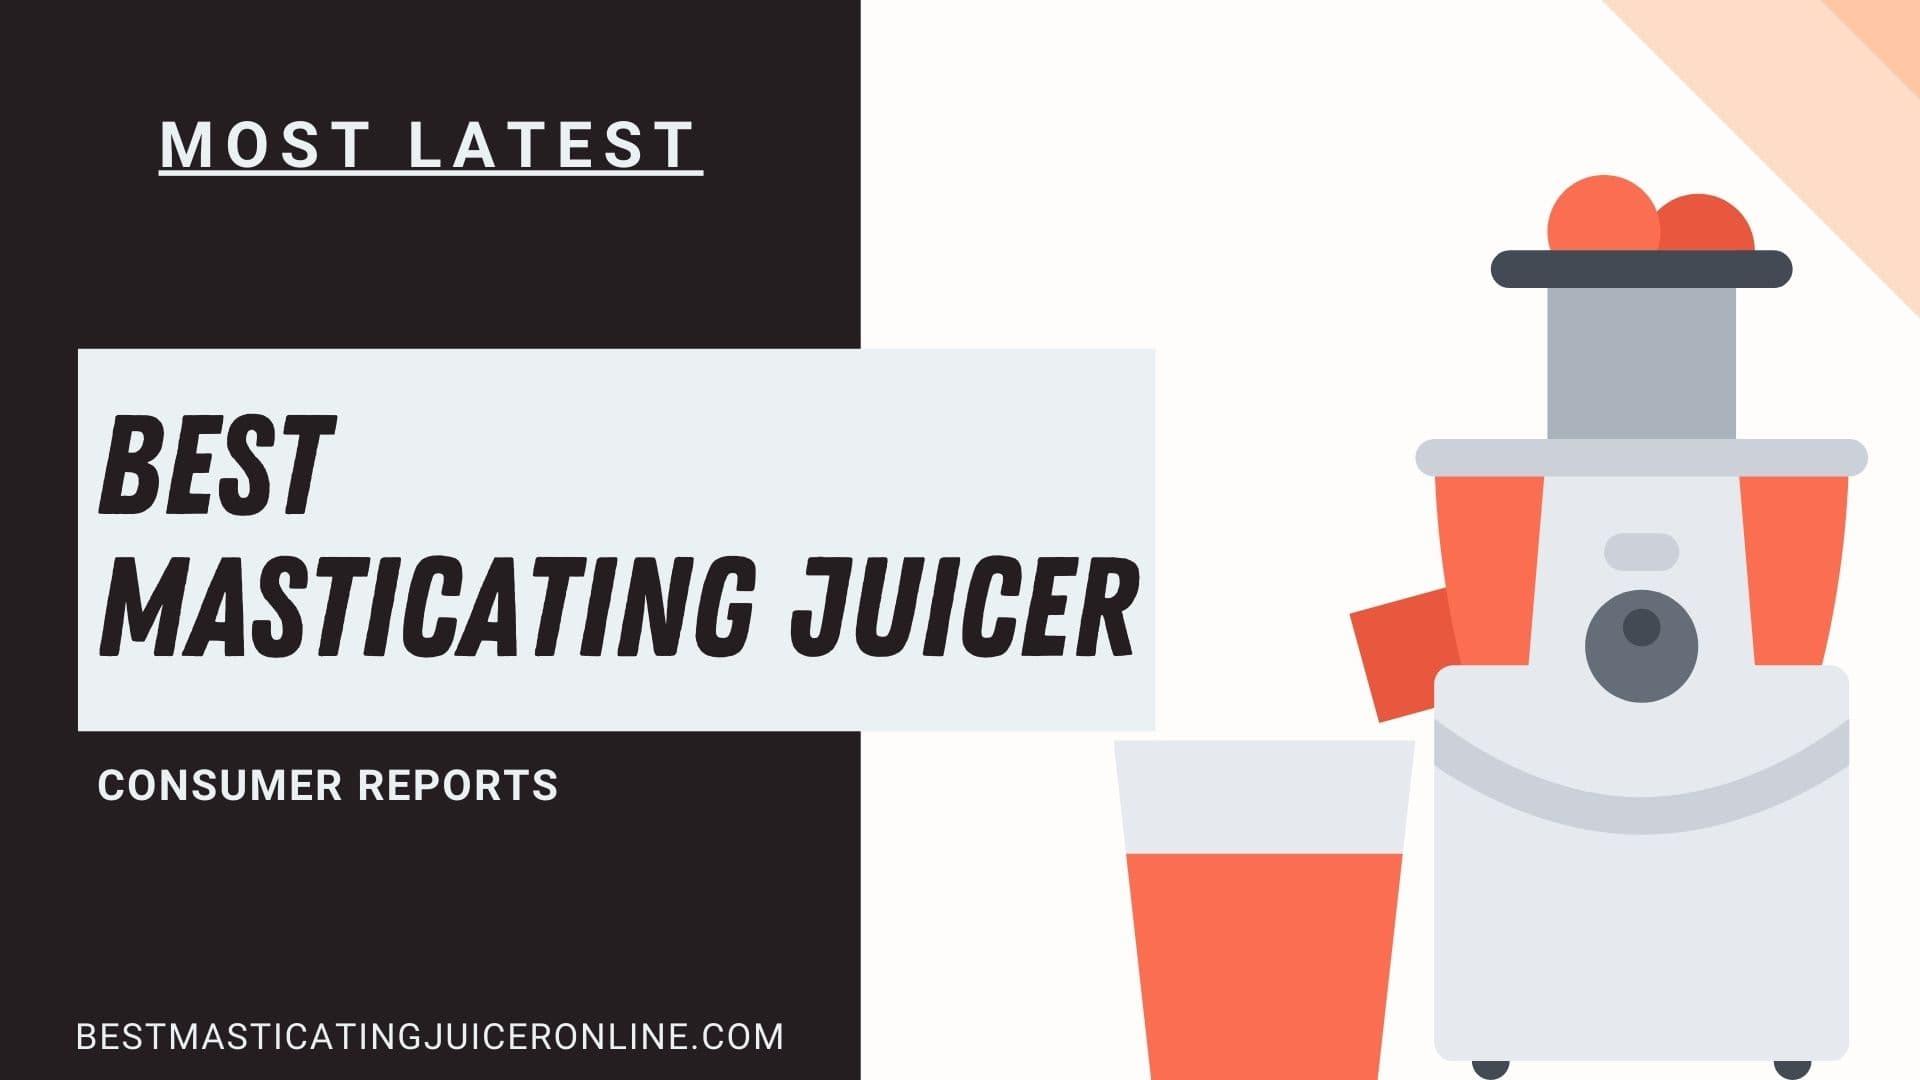 Best Masticating Juicer